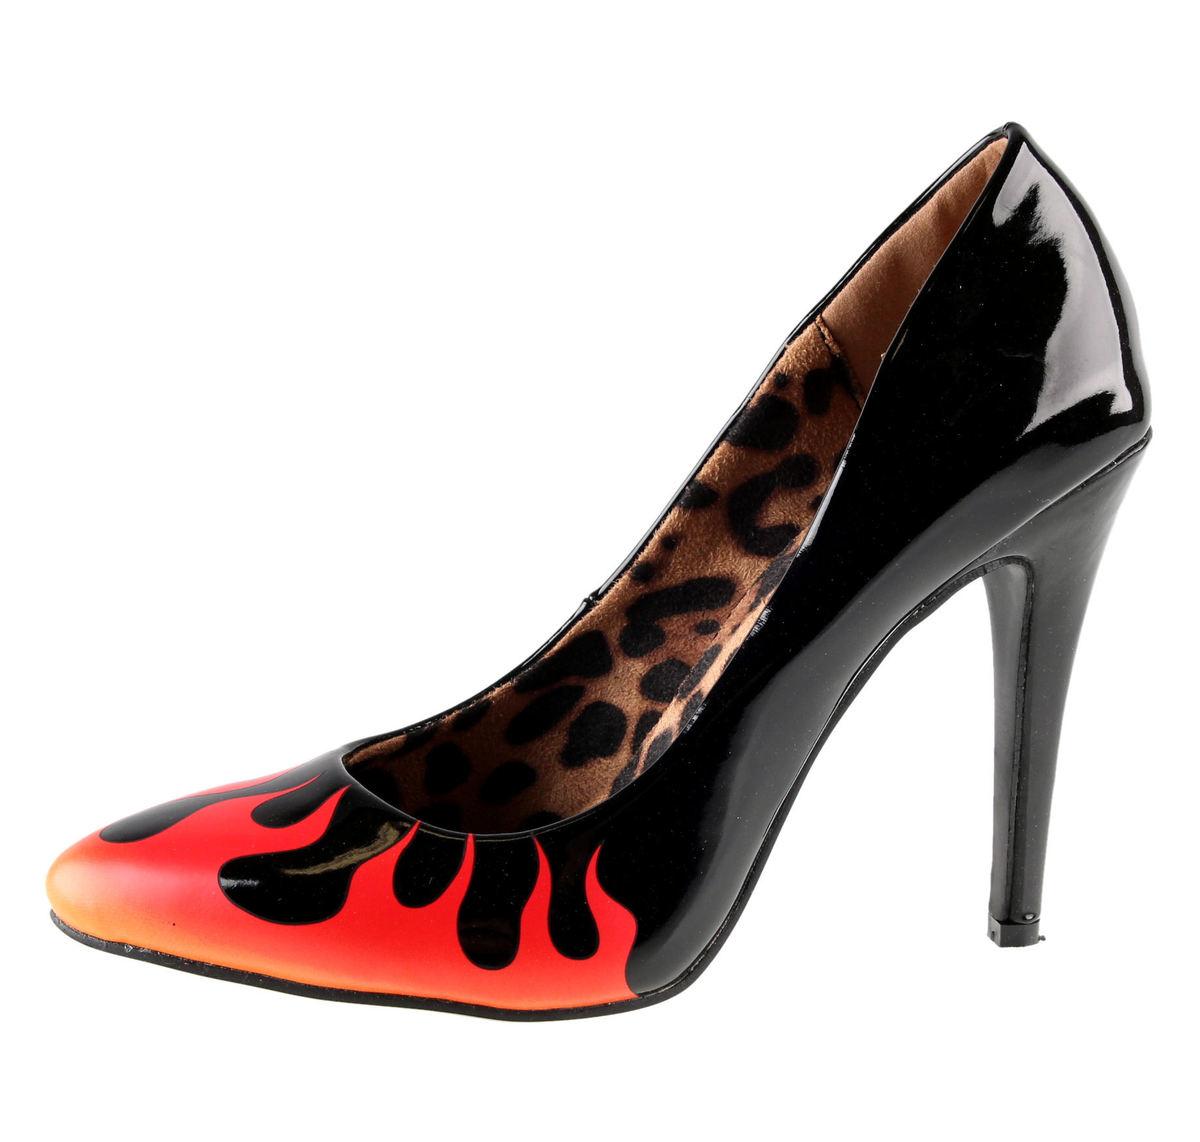 boty dámské (střevíce) IRON FIST - Fire Sign Point Heel - Black - IFW05066